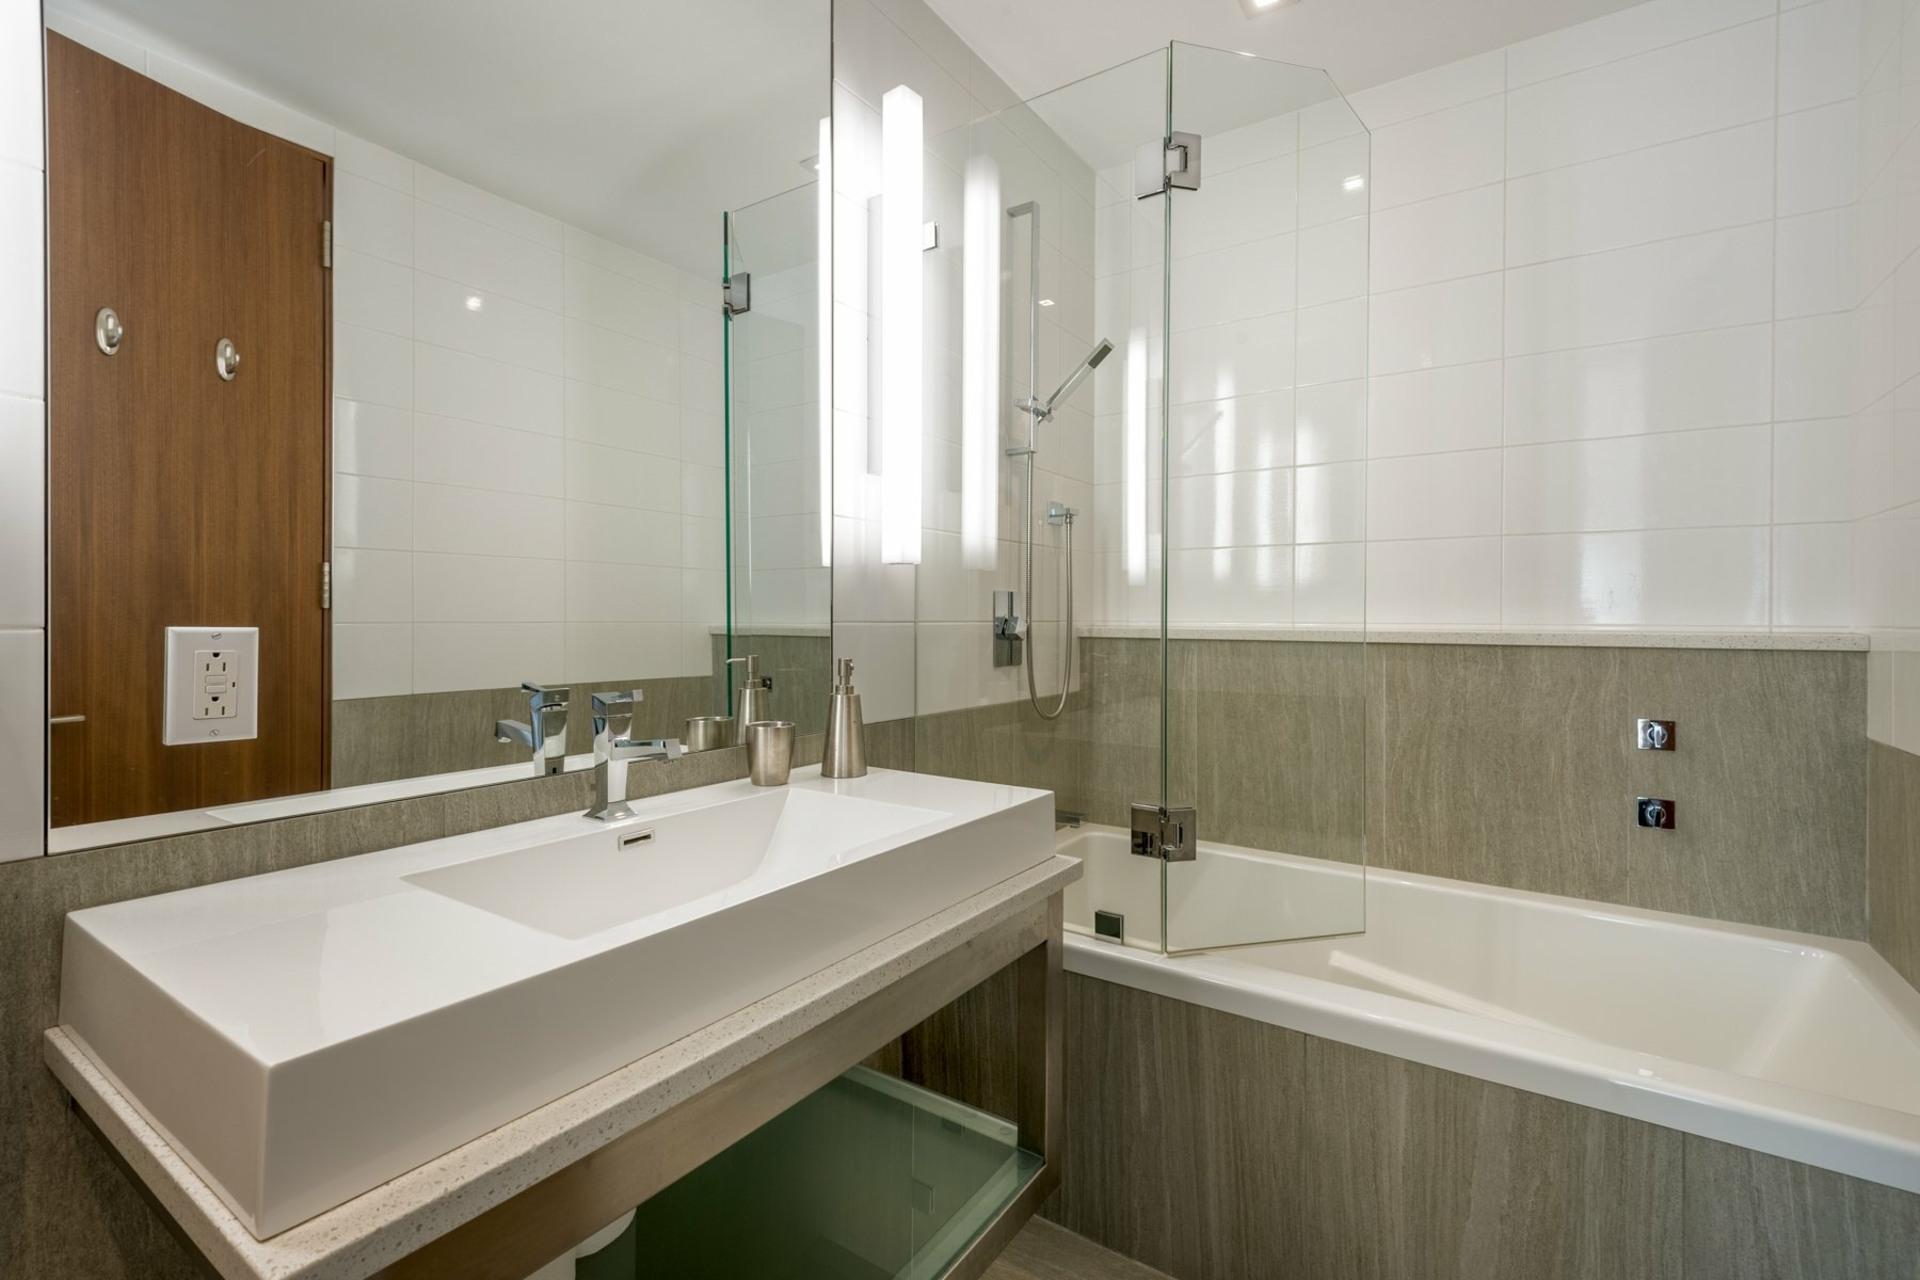 image 20 - House For sale Montréal Côte-des-Neiges/Notre-Dame-de-Grâce  - 9 rooms